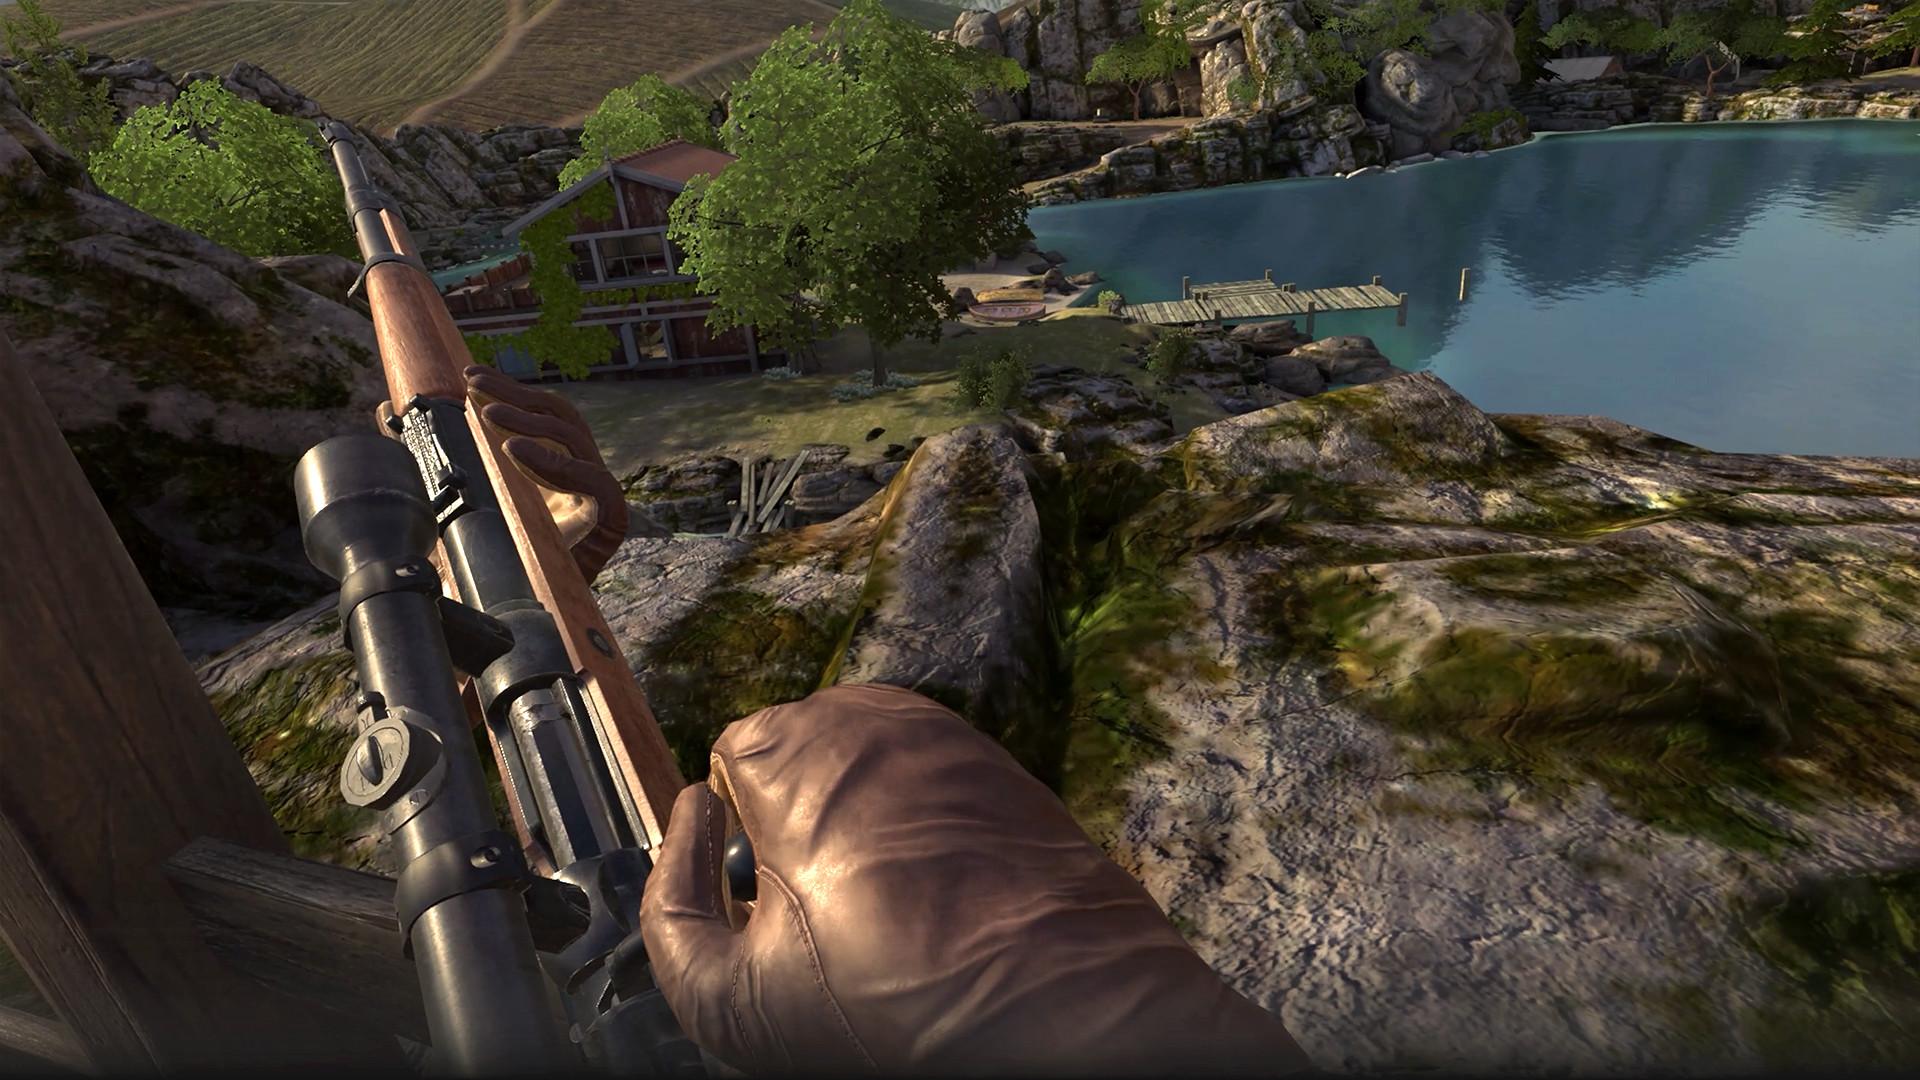 Recenze Sniper Elite VR – poněkud rozporuplný odklon série 2 8